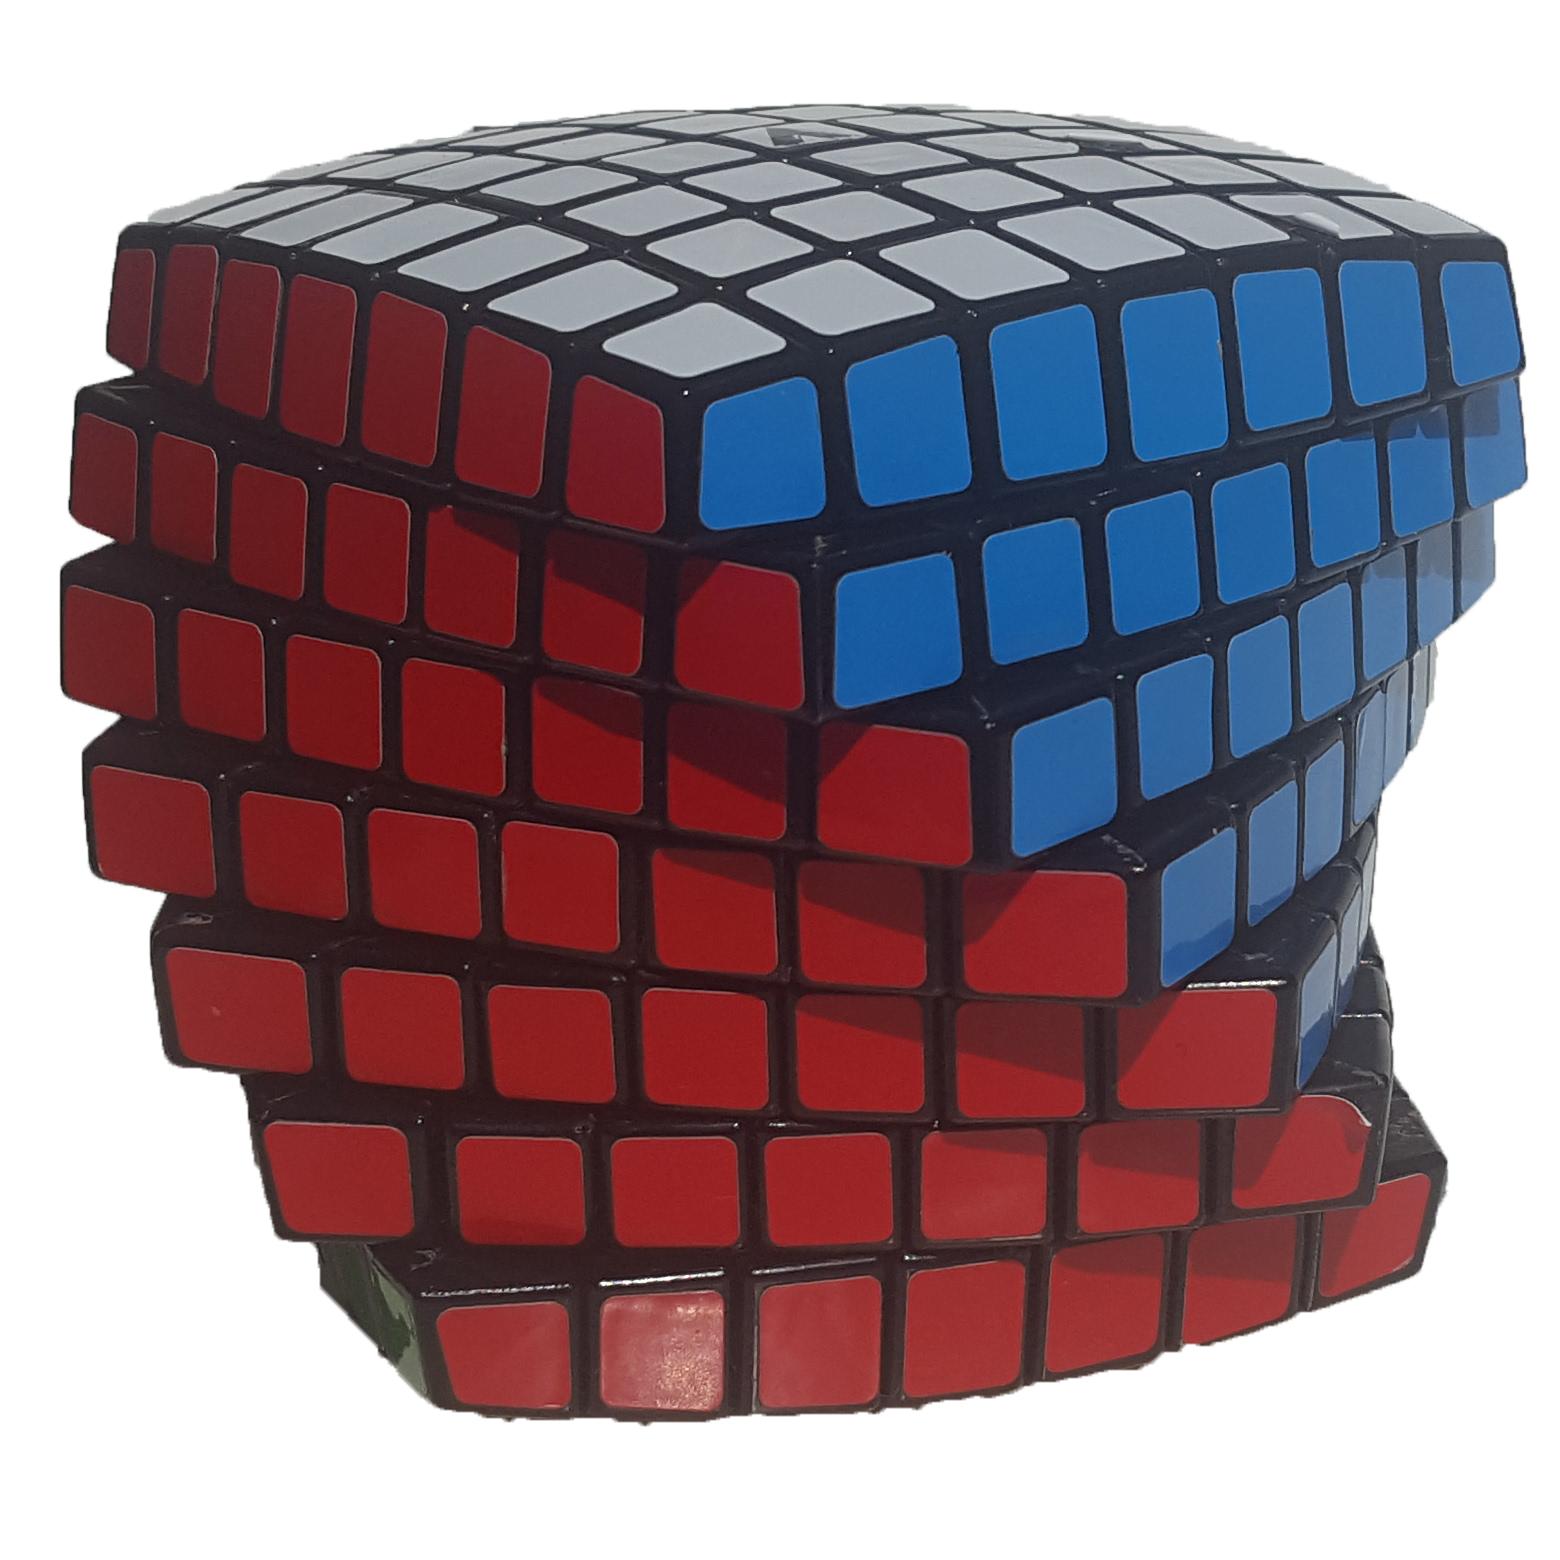 v-cube 7 verdreht